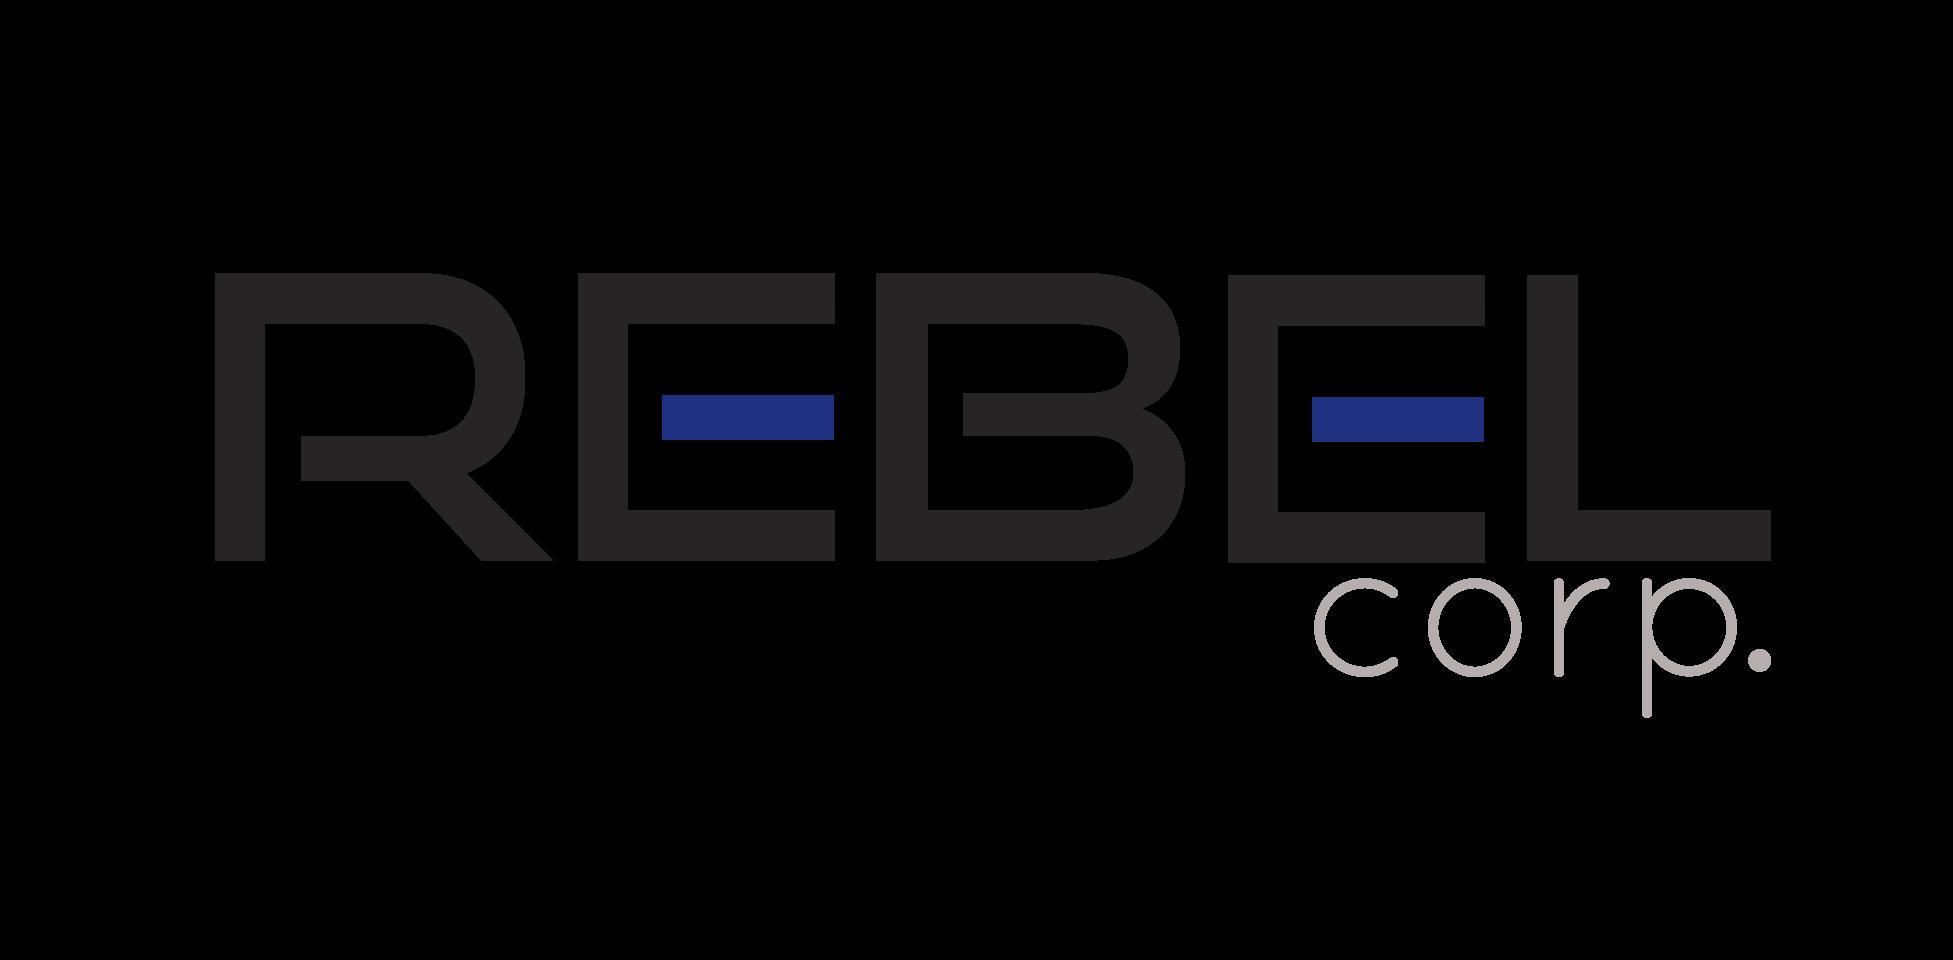 Rebelcorp